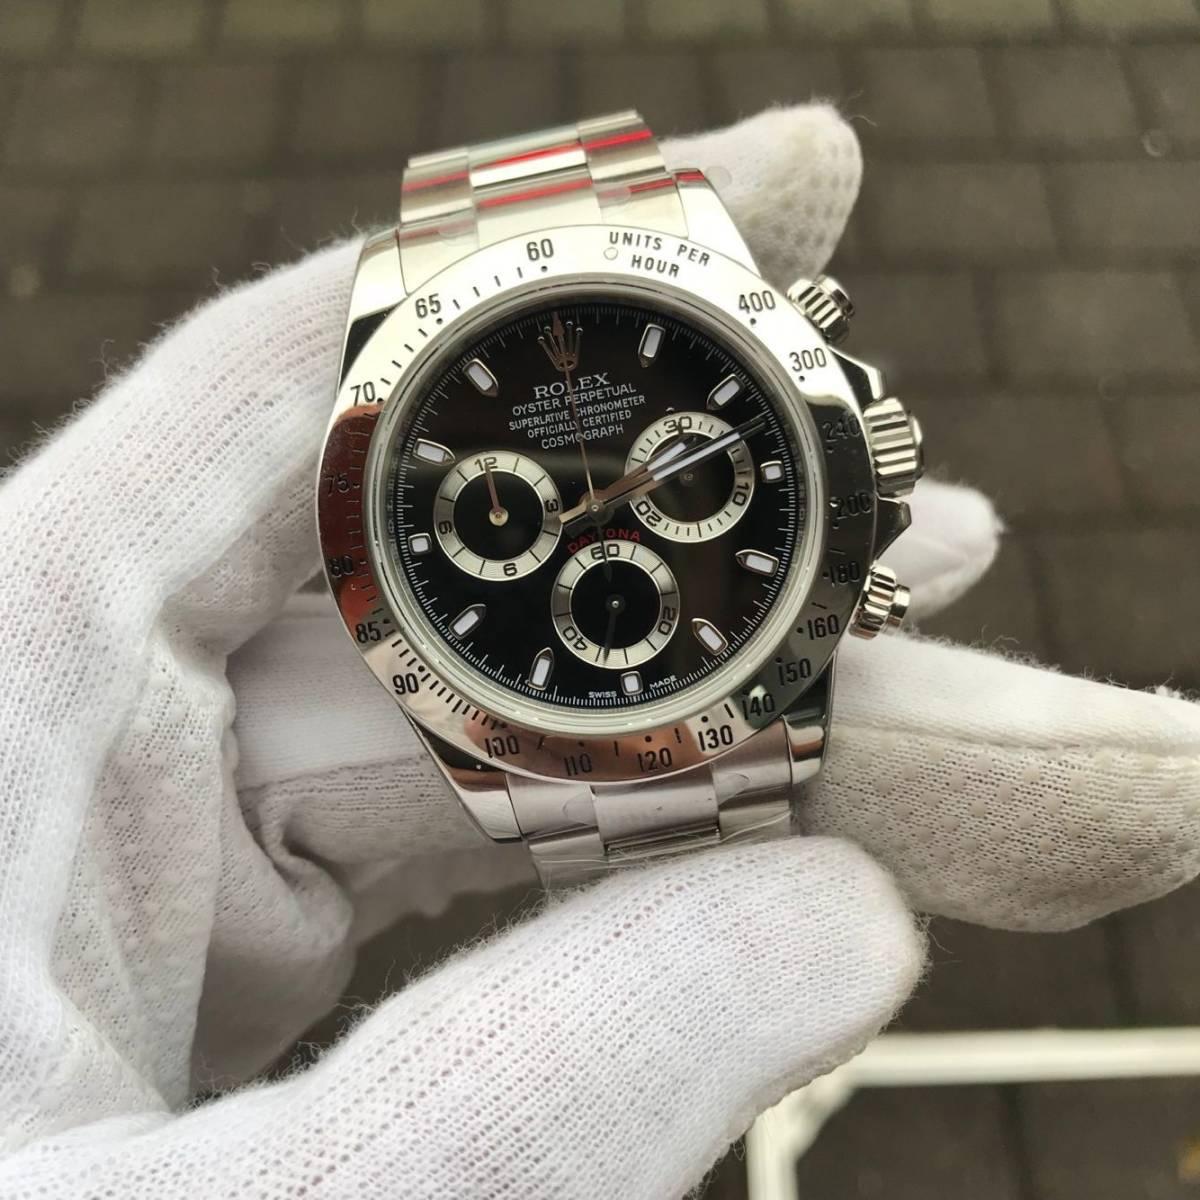 ロレックス AR デイトナ 自動巻 白文字盤 メンズ腕時計